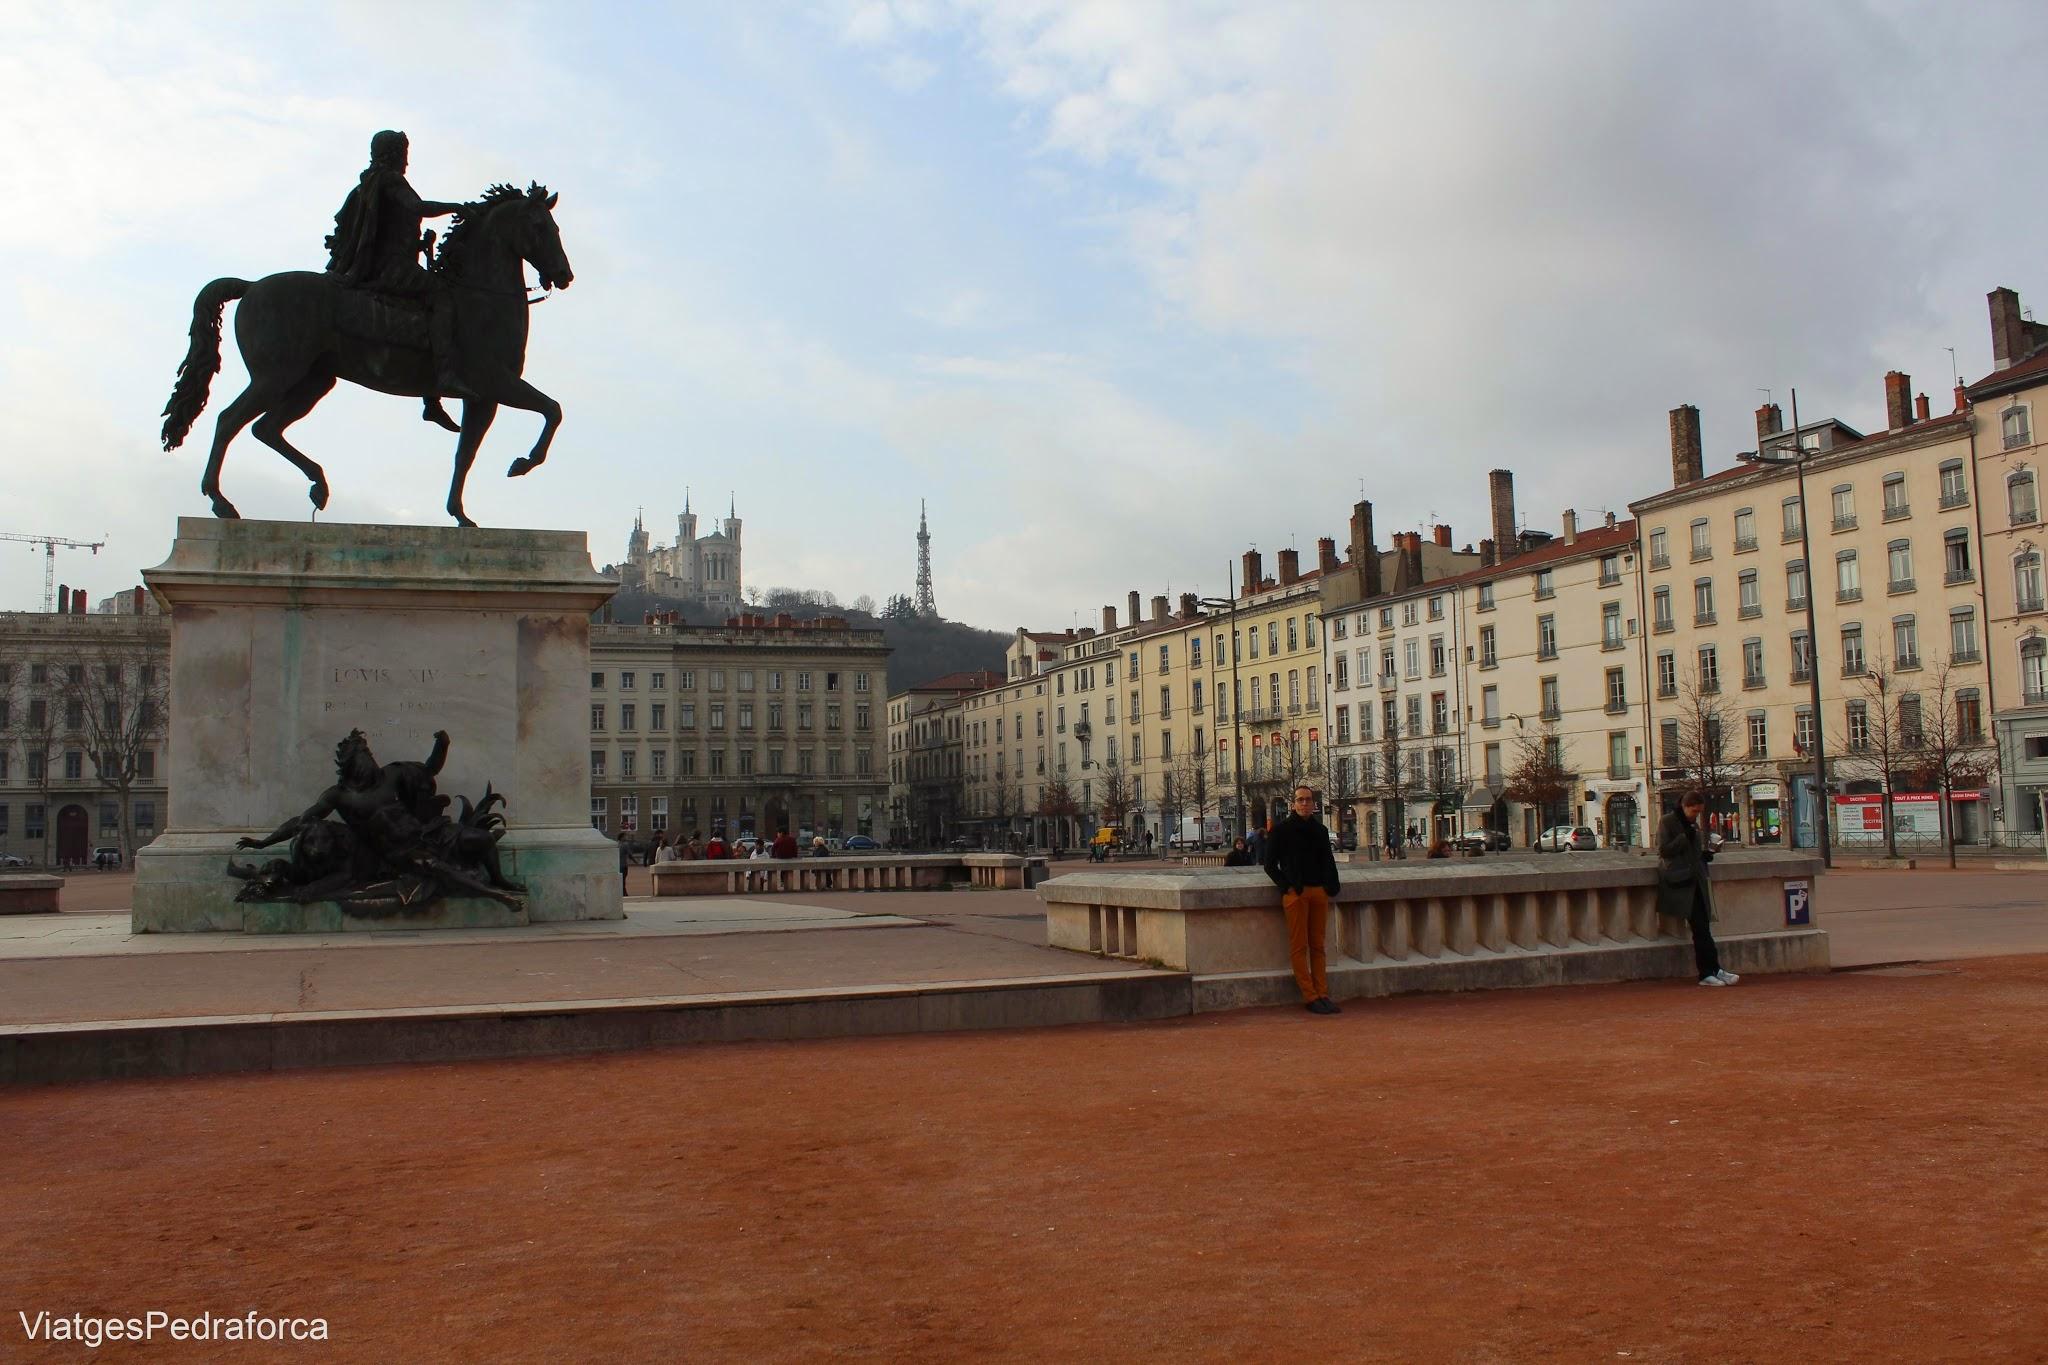 Place de Bellecour, Presqu'ile, Lyon, Lió, Rhône-Alpes, France